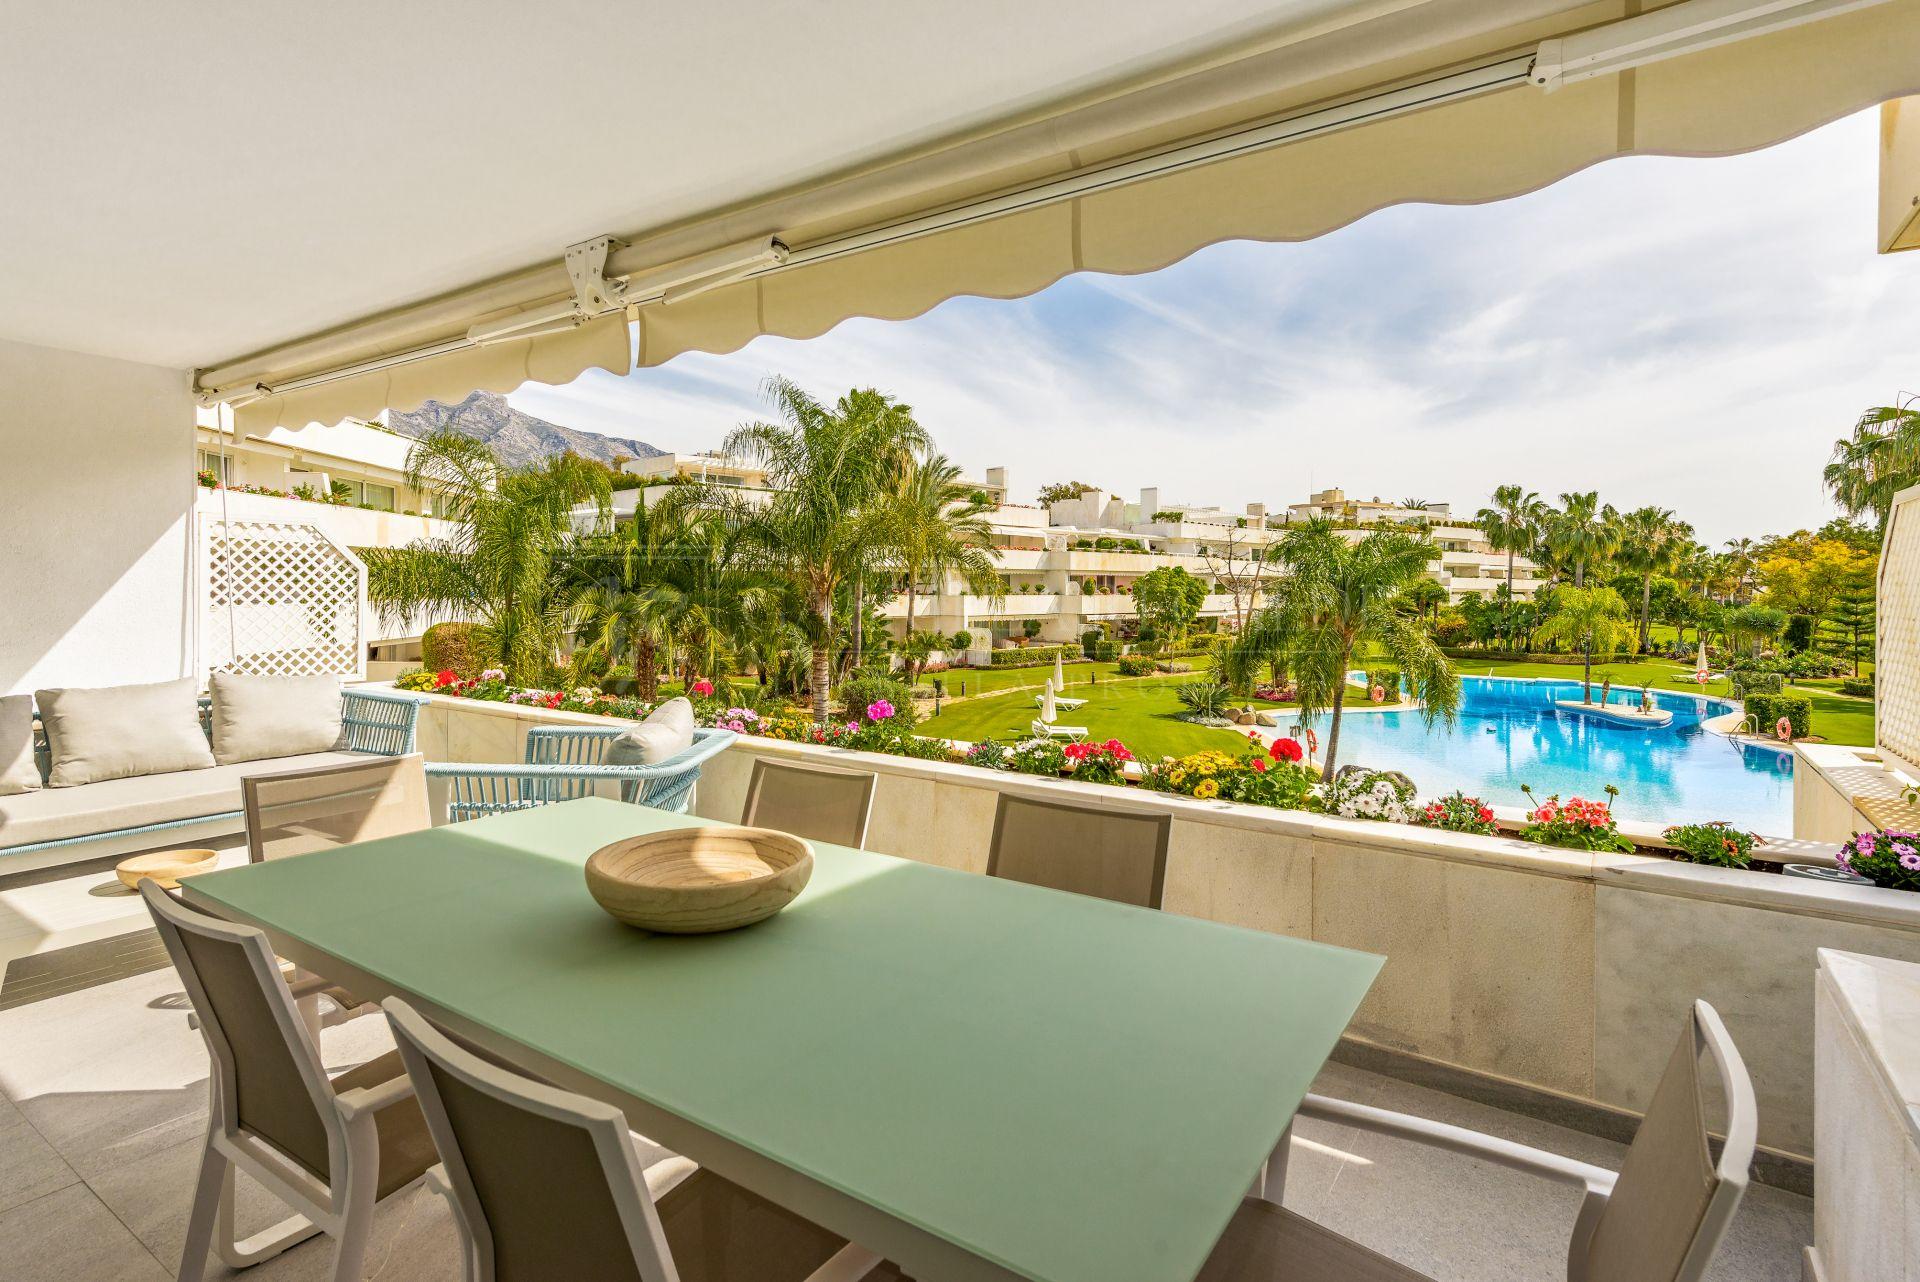 Recien renovado, moderno apartamento en urb. Los Granados Golf-Marbella